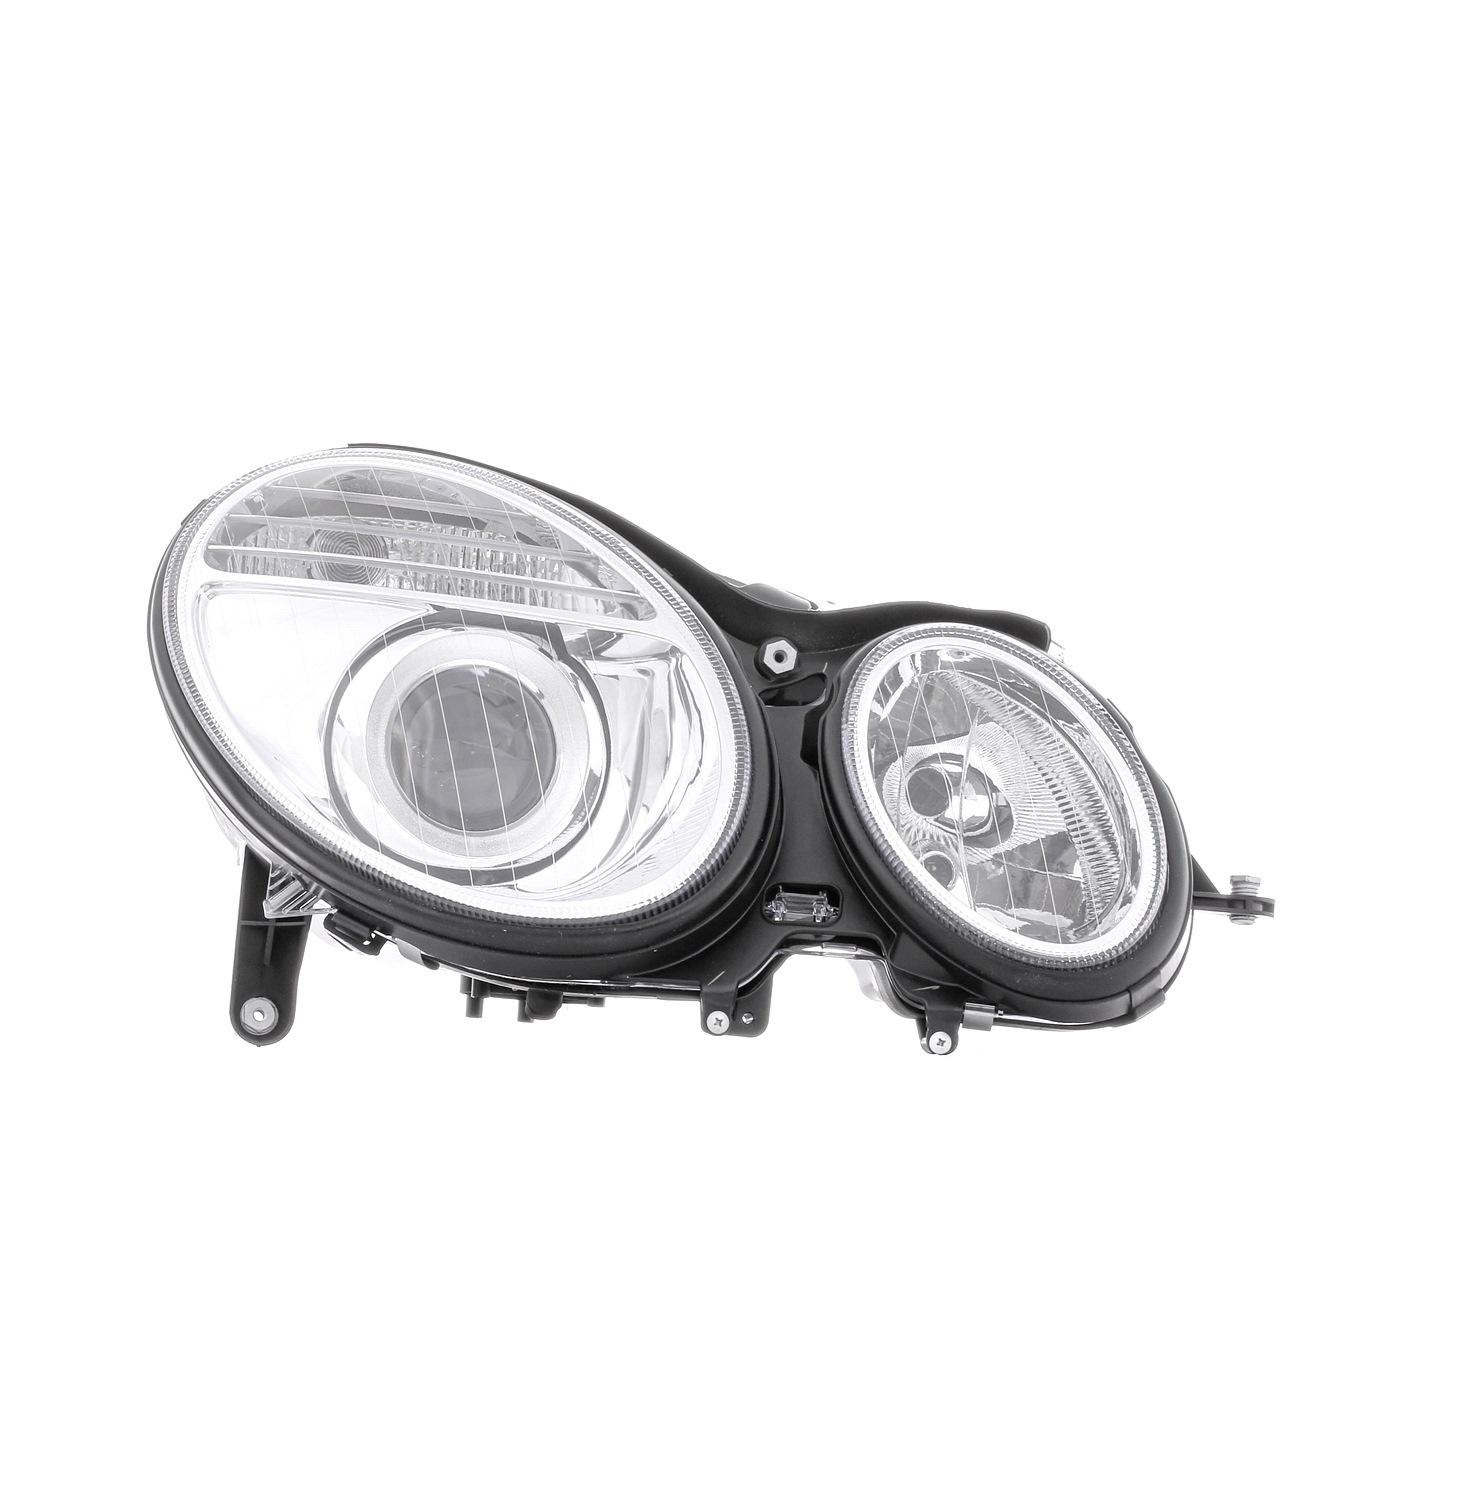 Buy original Front lights ABAKUS 440-1163R-LD-EM